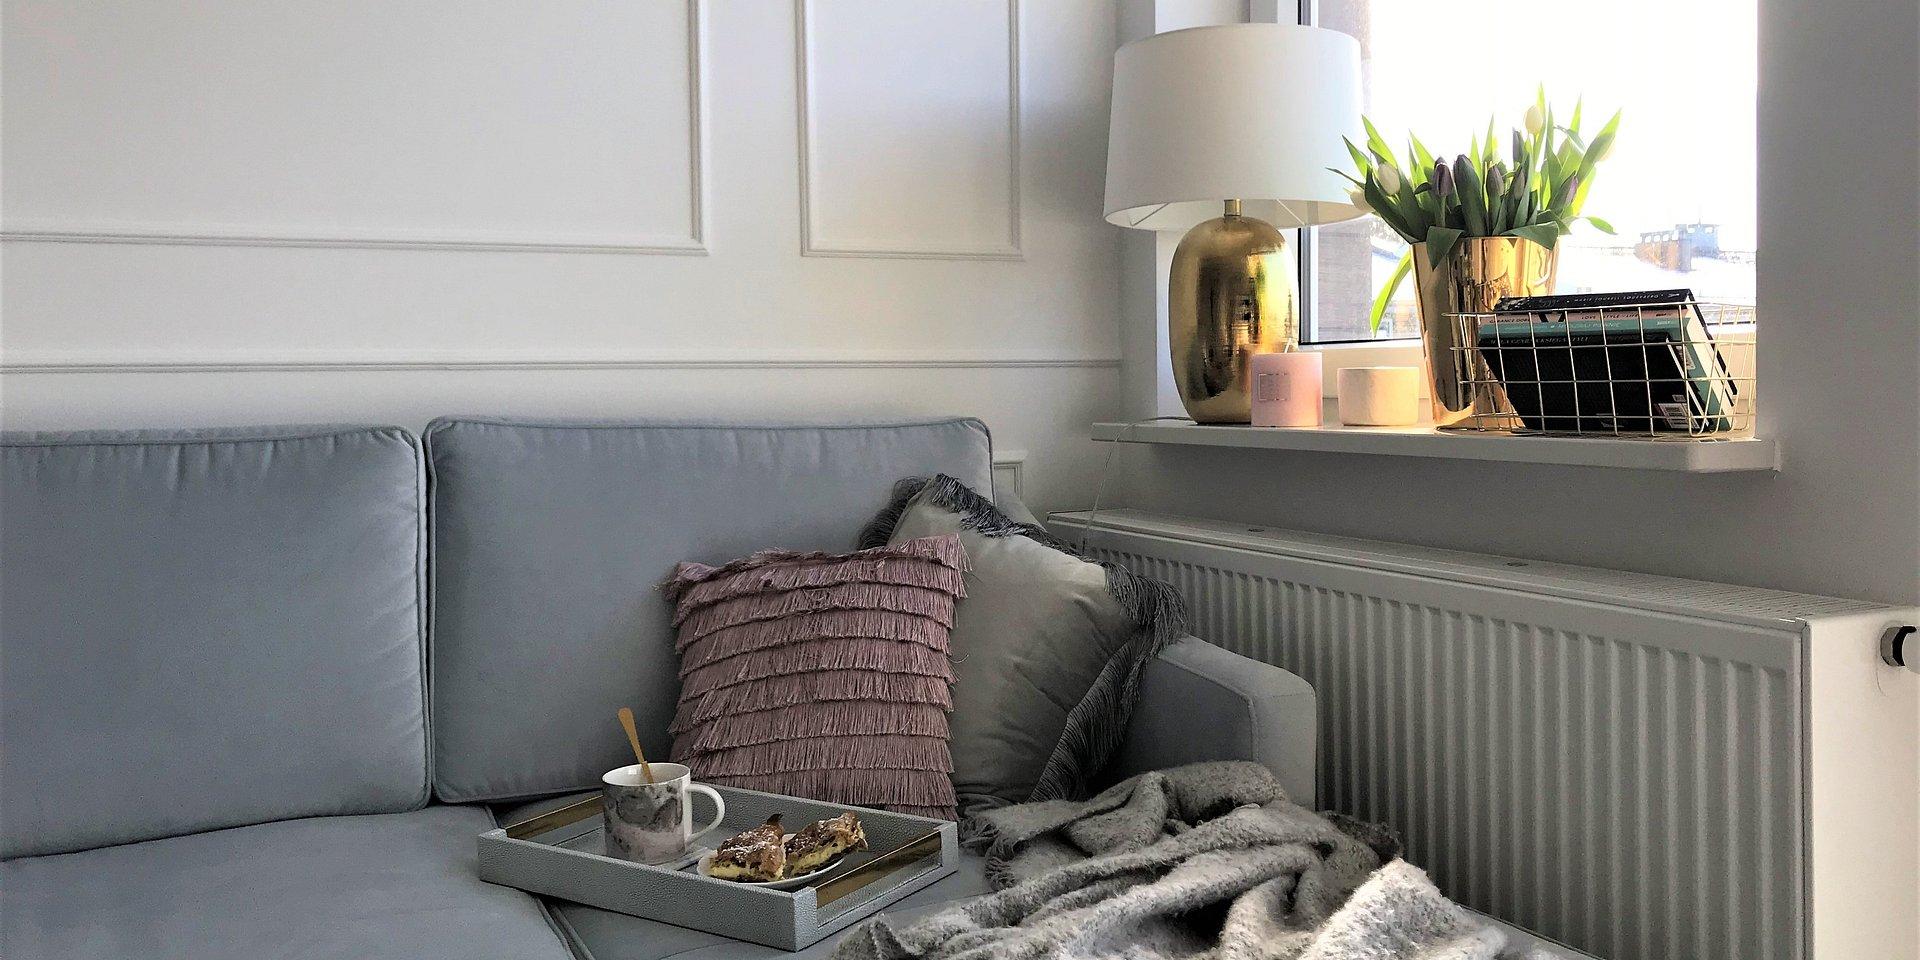 Jak wyposażyć mieszkanie, by przyciągnąć uwagę najemców?